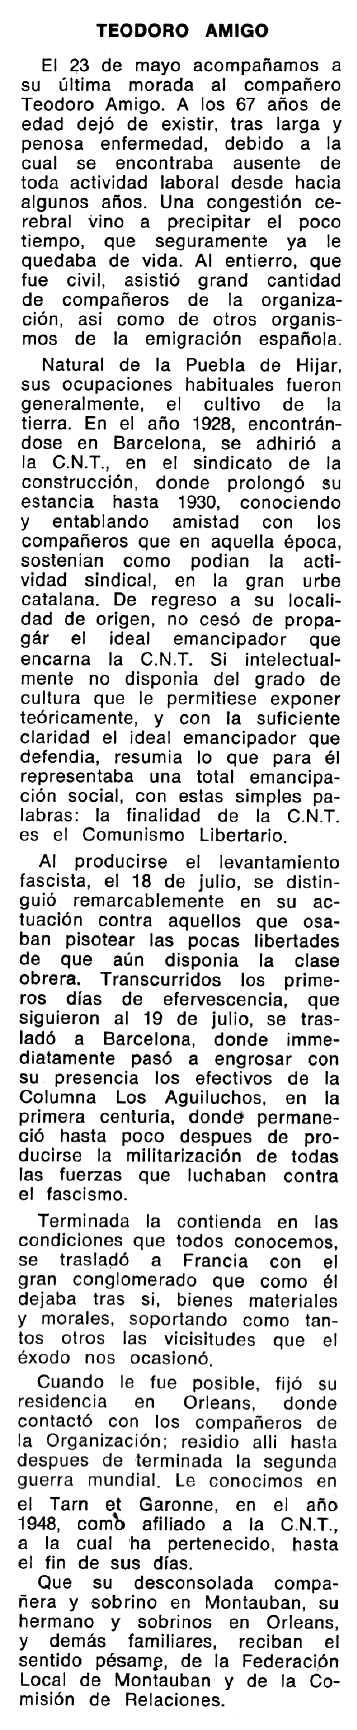 """Necrològica de Teodoro Amigo Estrada apareguda en el periòdic tolosà """"Espoir"""" del 19 d'octubre de 1970"""